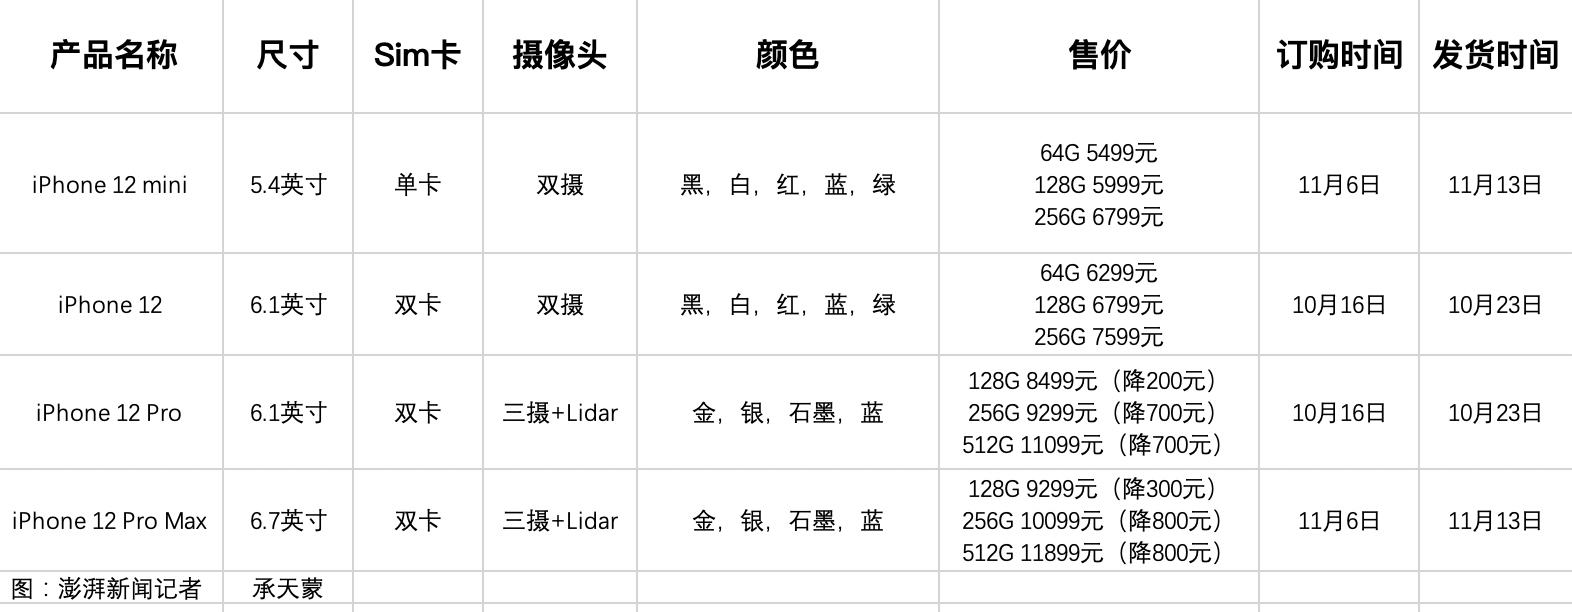 4款iPhone12怎么选?都支持北斗、低配无双卡双待